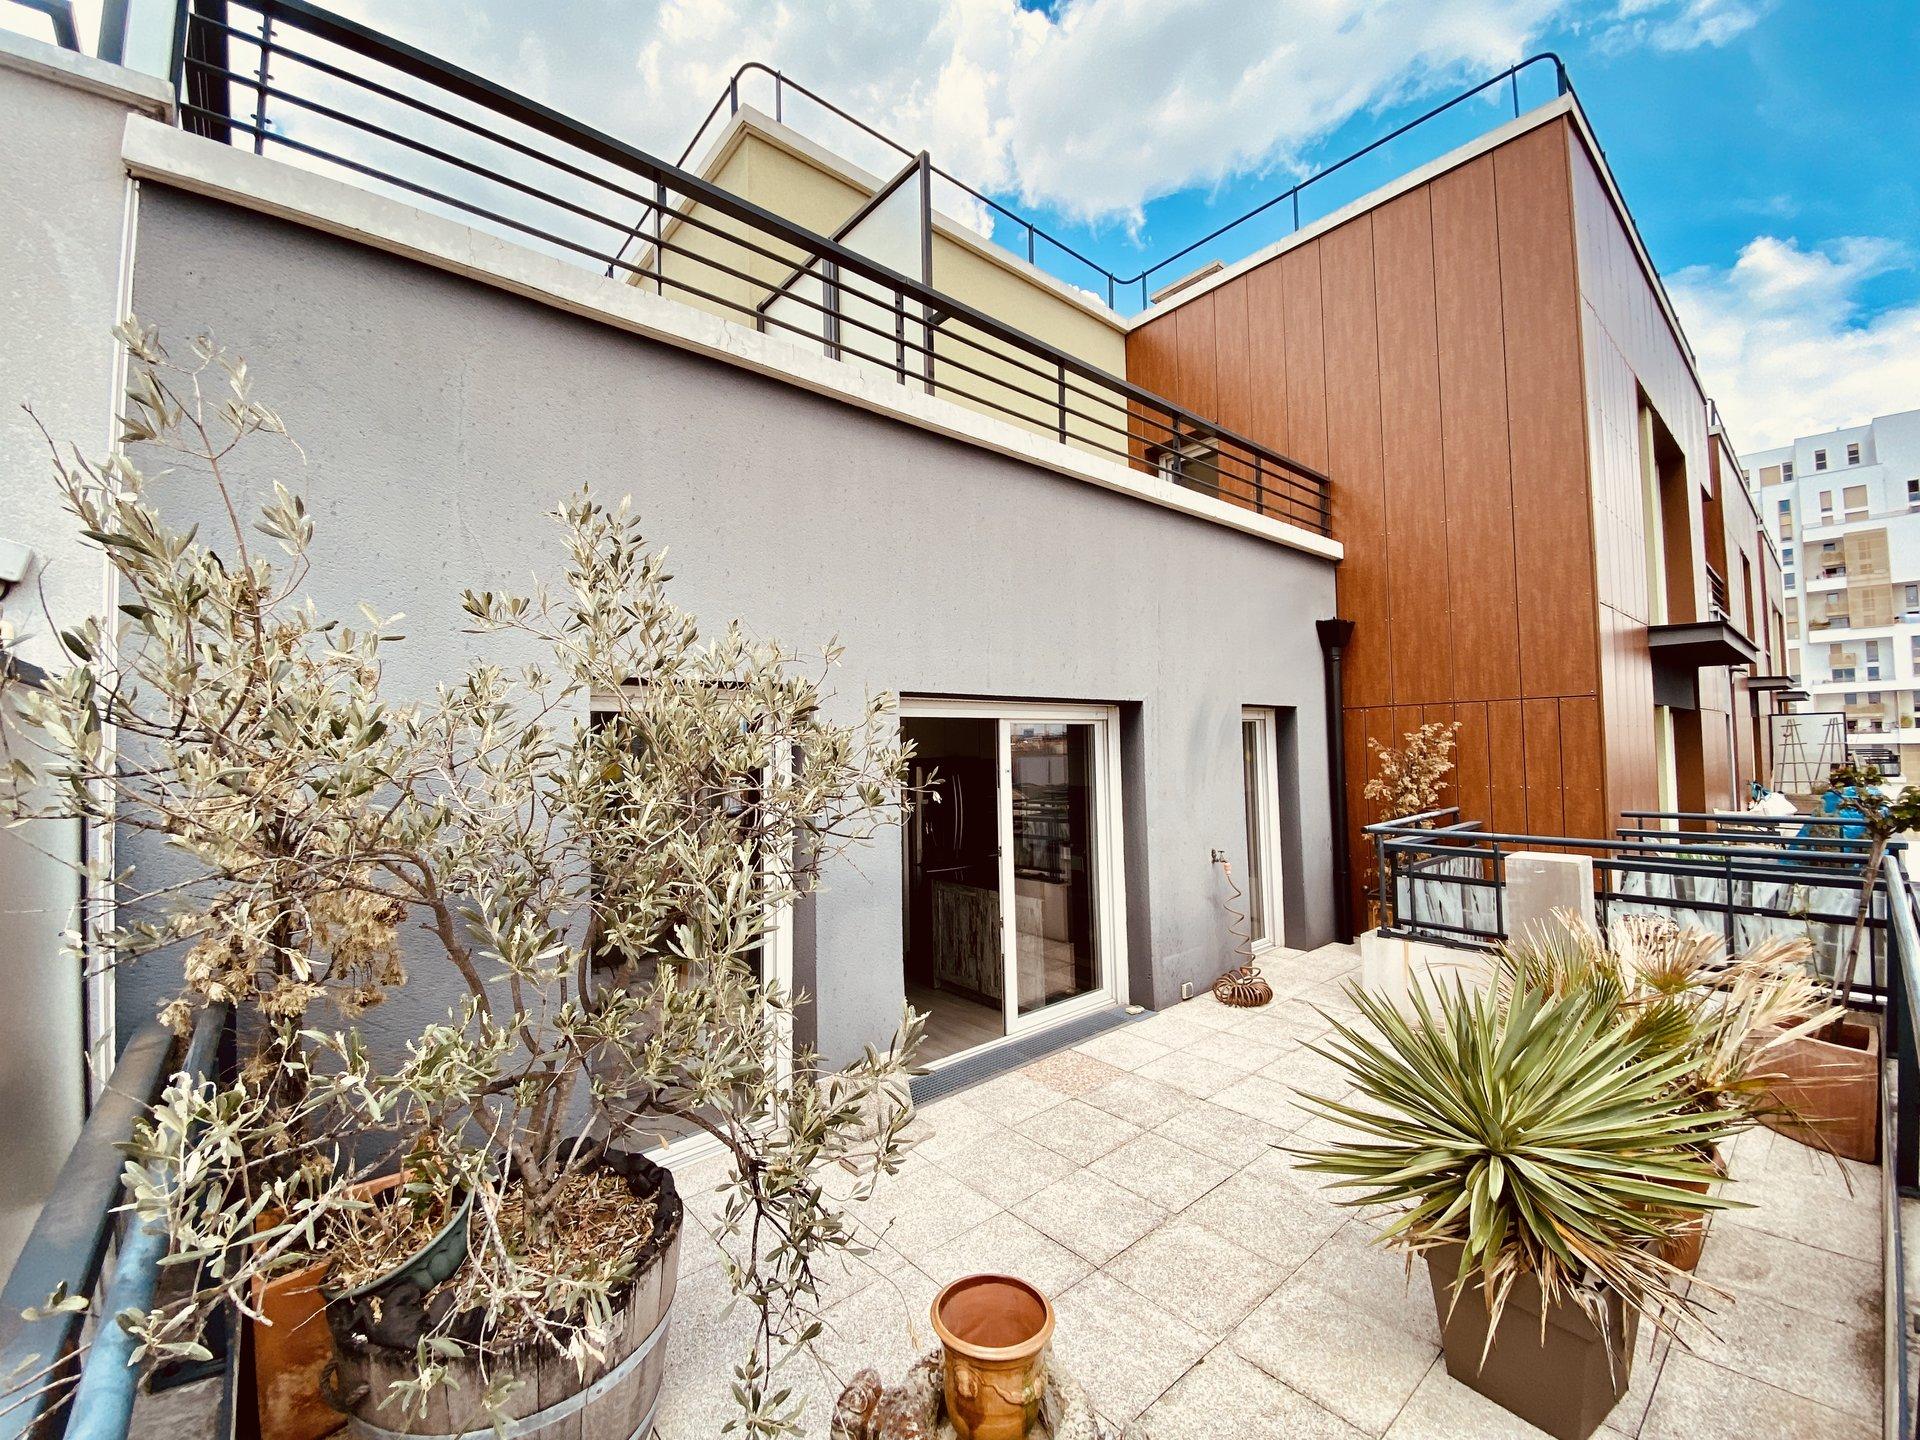 Duplex - 5 pièces - Terrasses - Parking